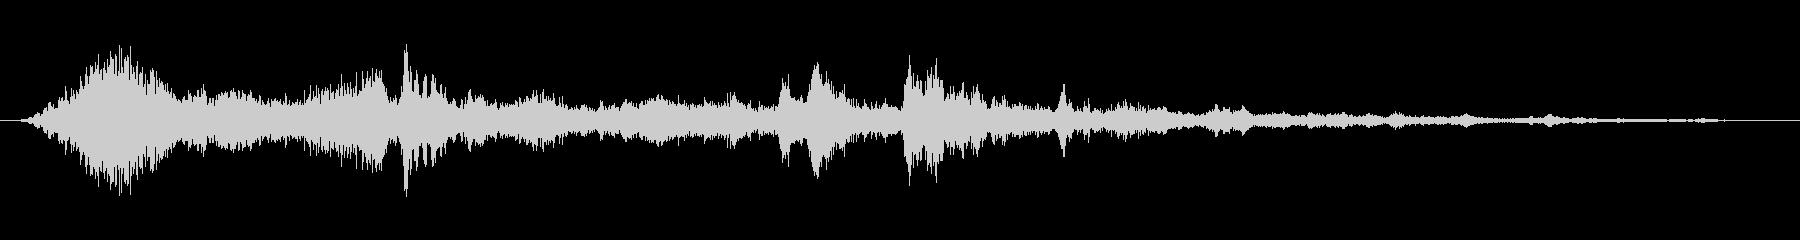 環境音 SFディープシー04の未再生の波形